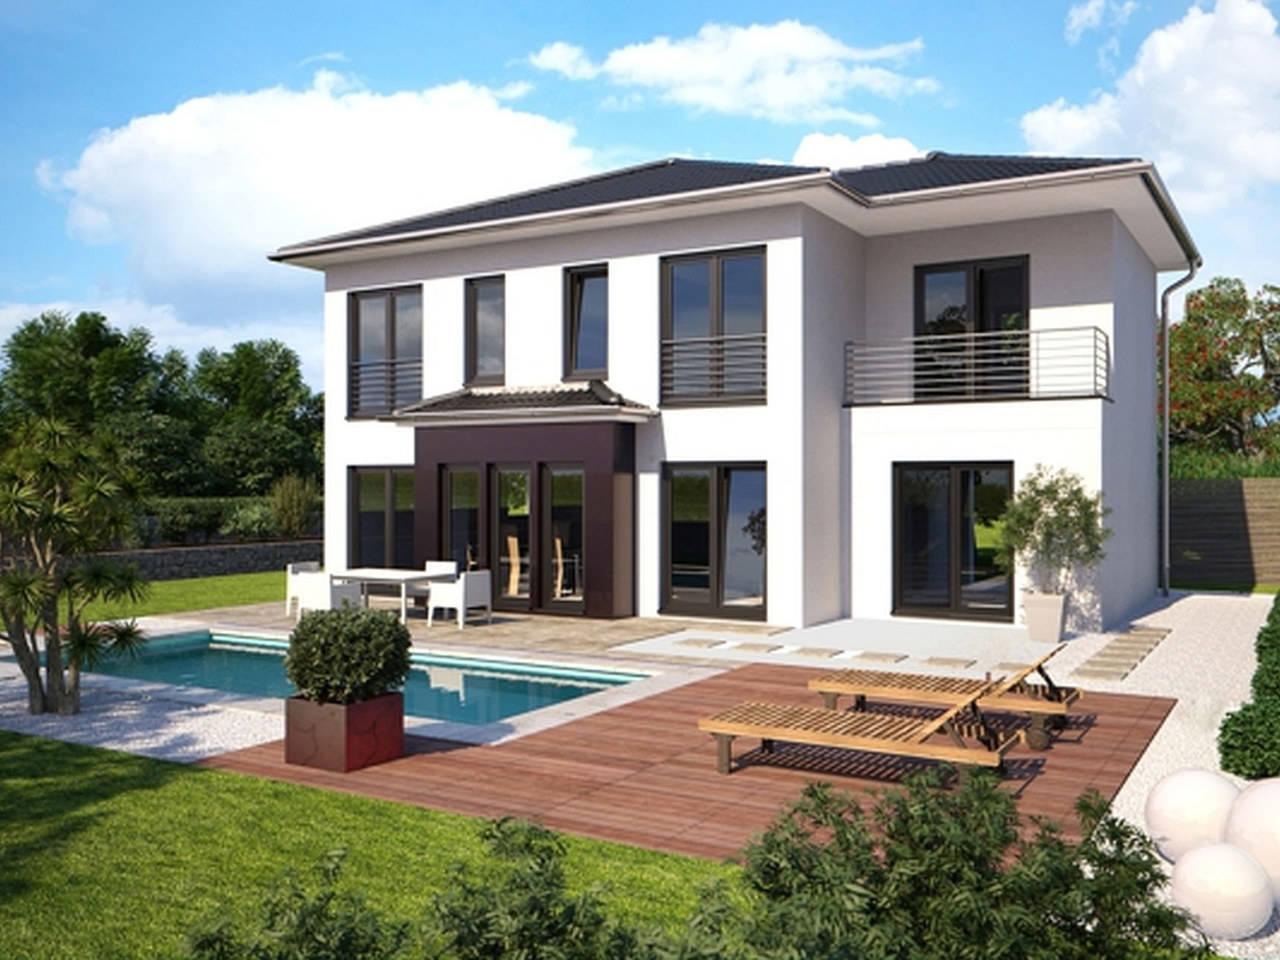 Typ Stadthaus von Energiesparhaus+ Projekt